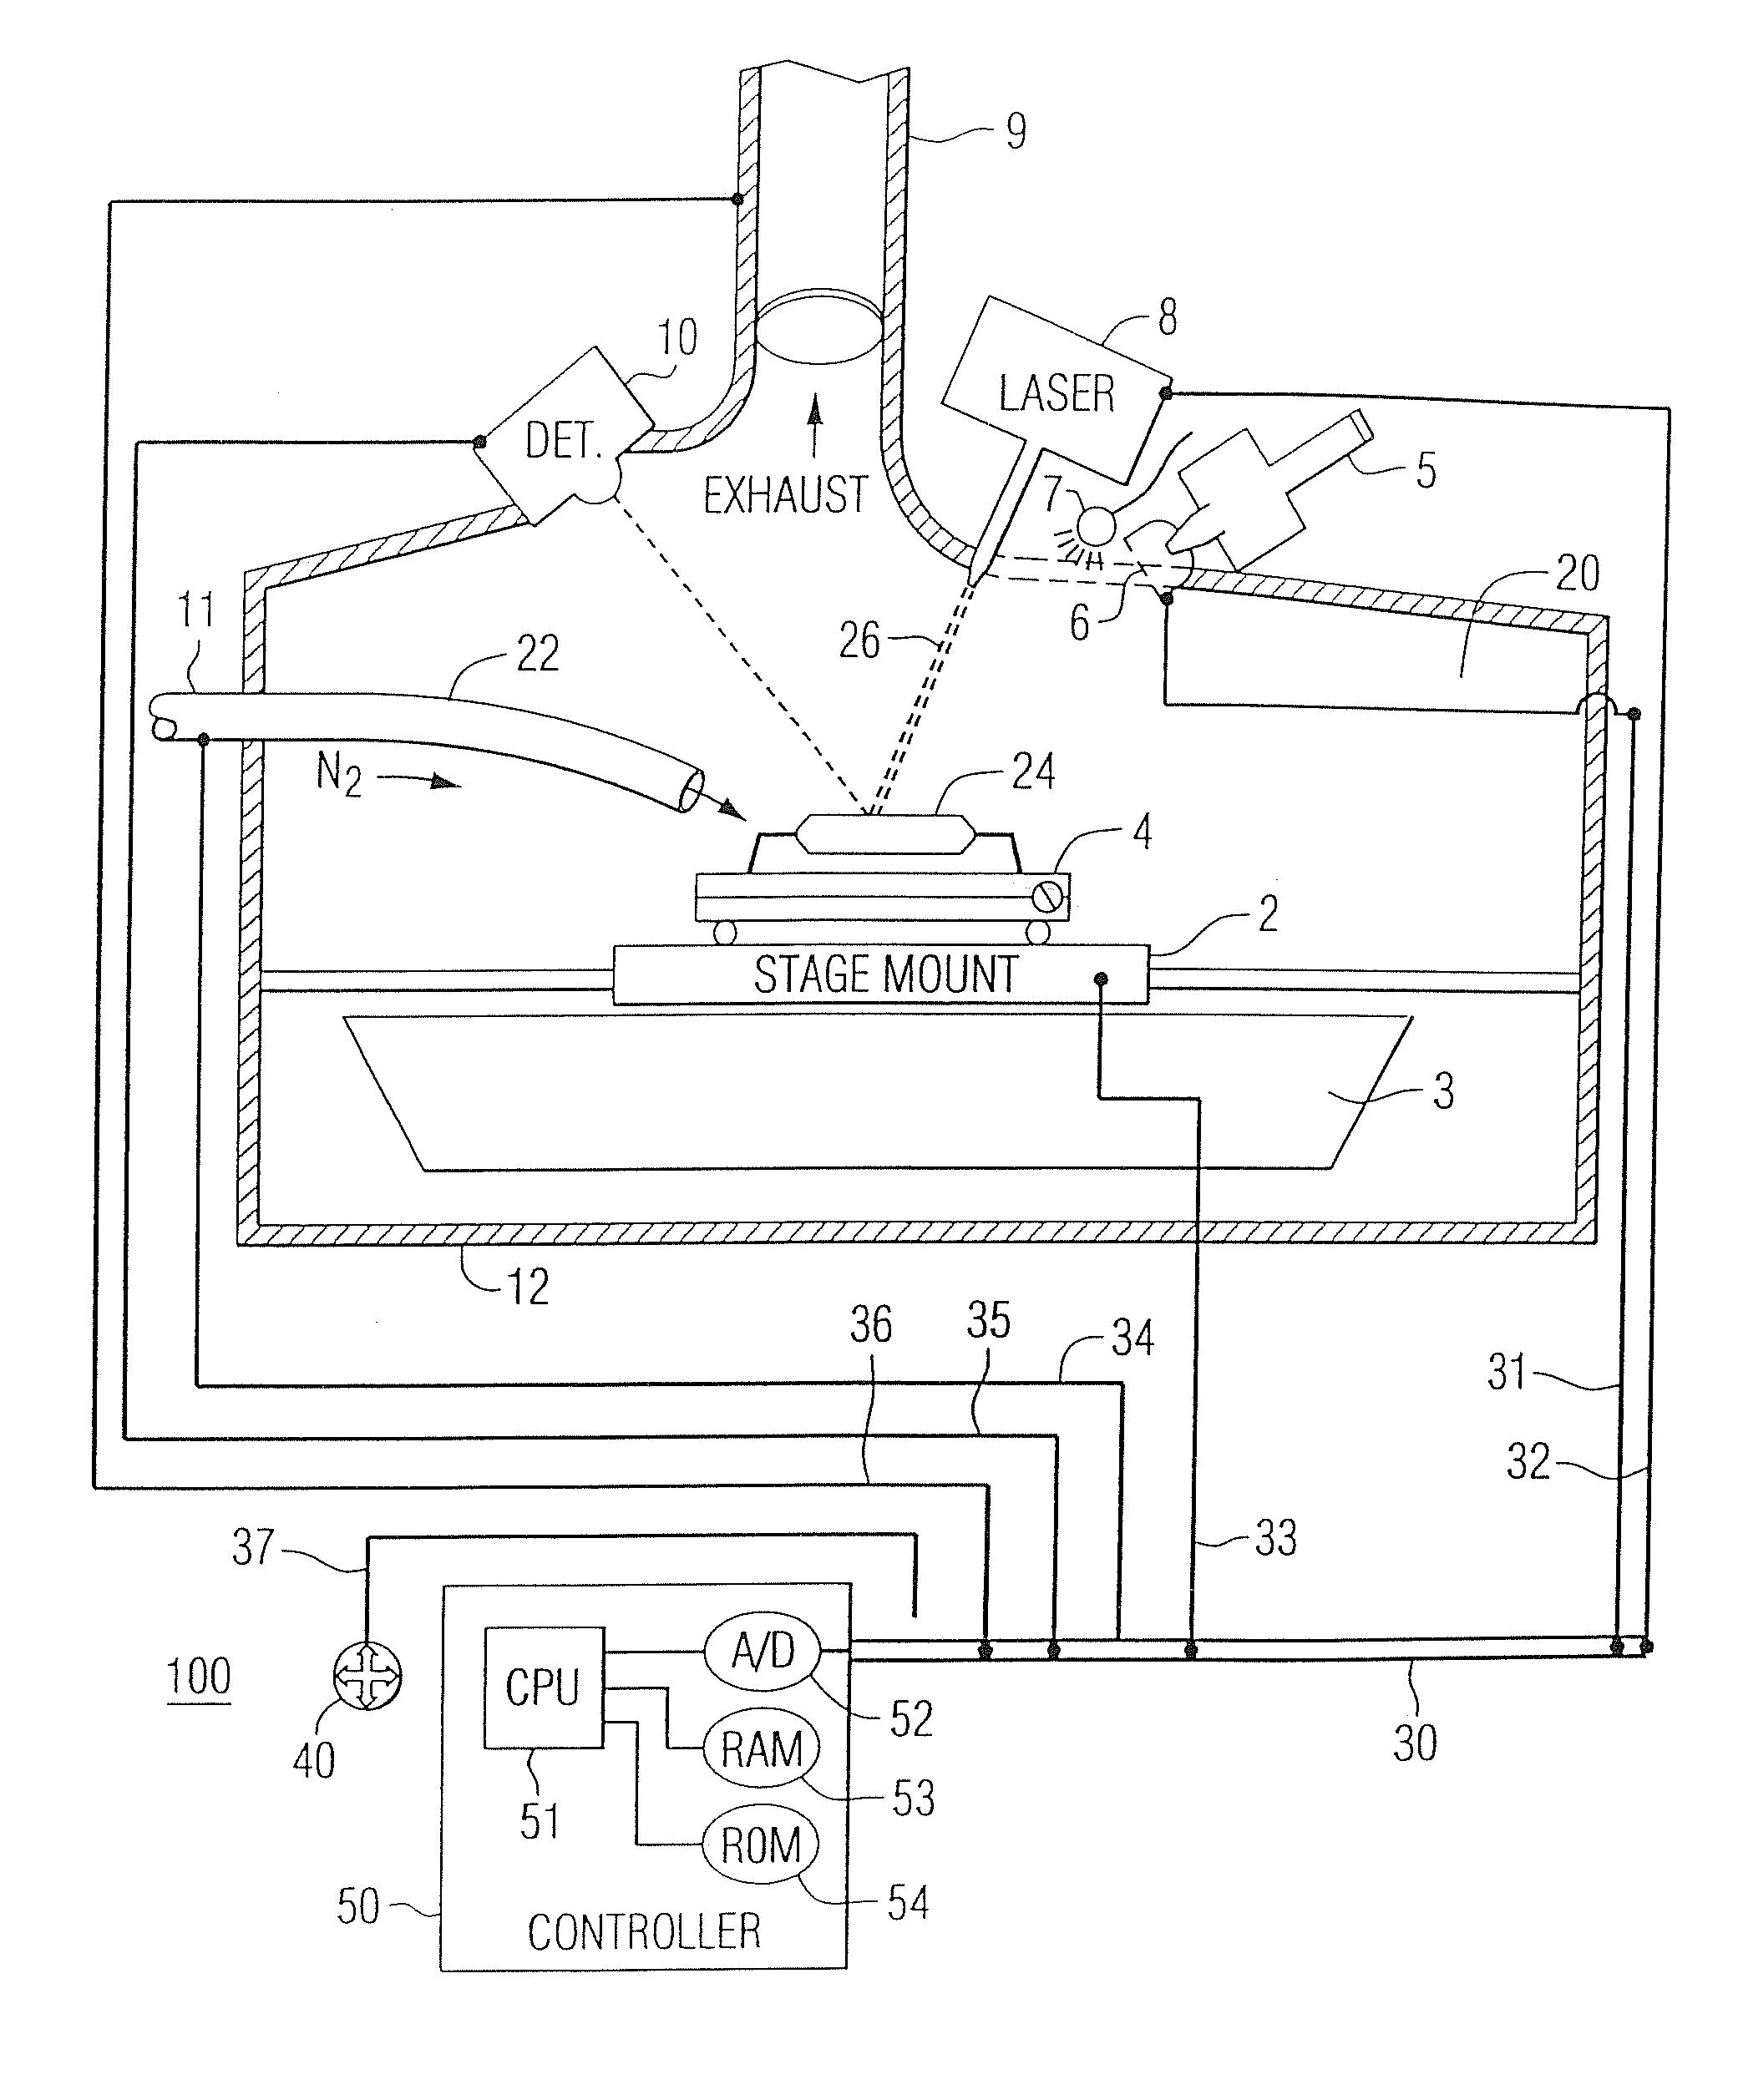 patent us7316936 - laser decapsulation method